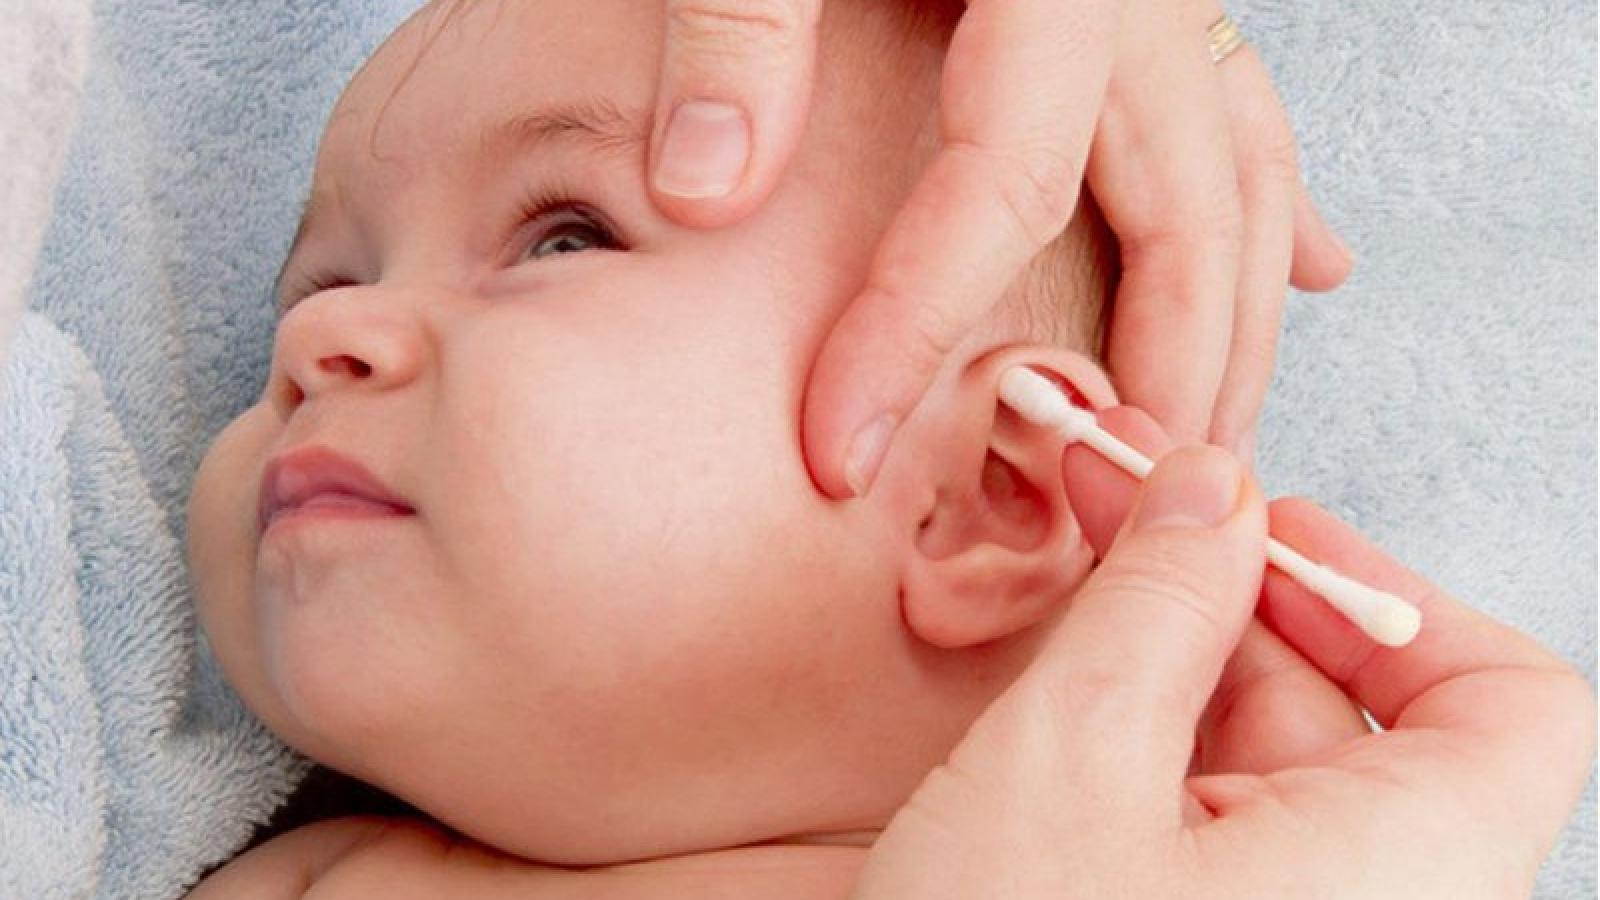 Cách lấy ráy tai cho bé không đau